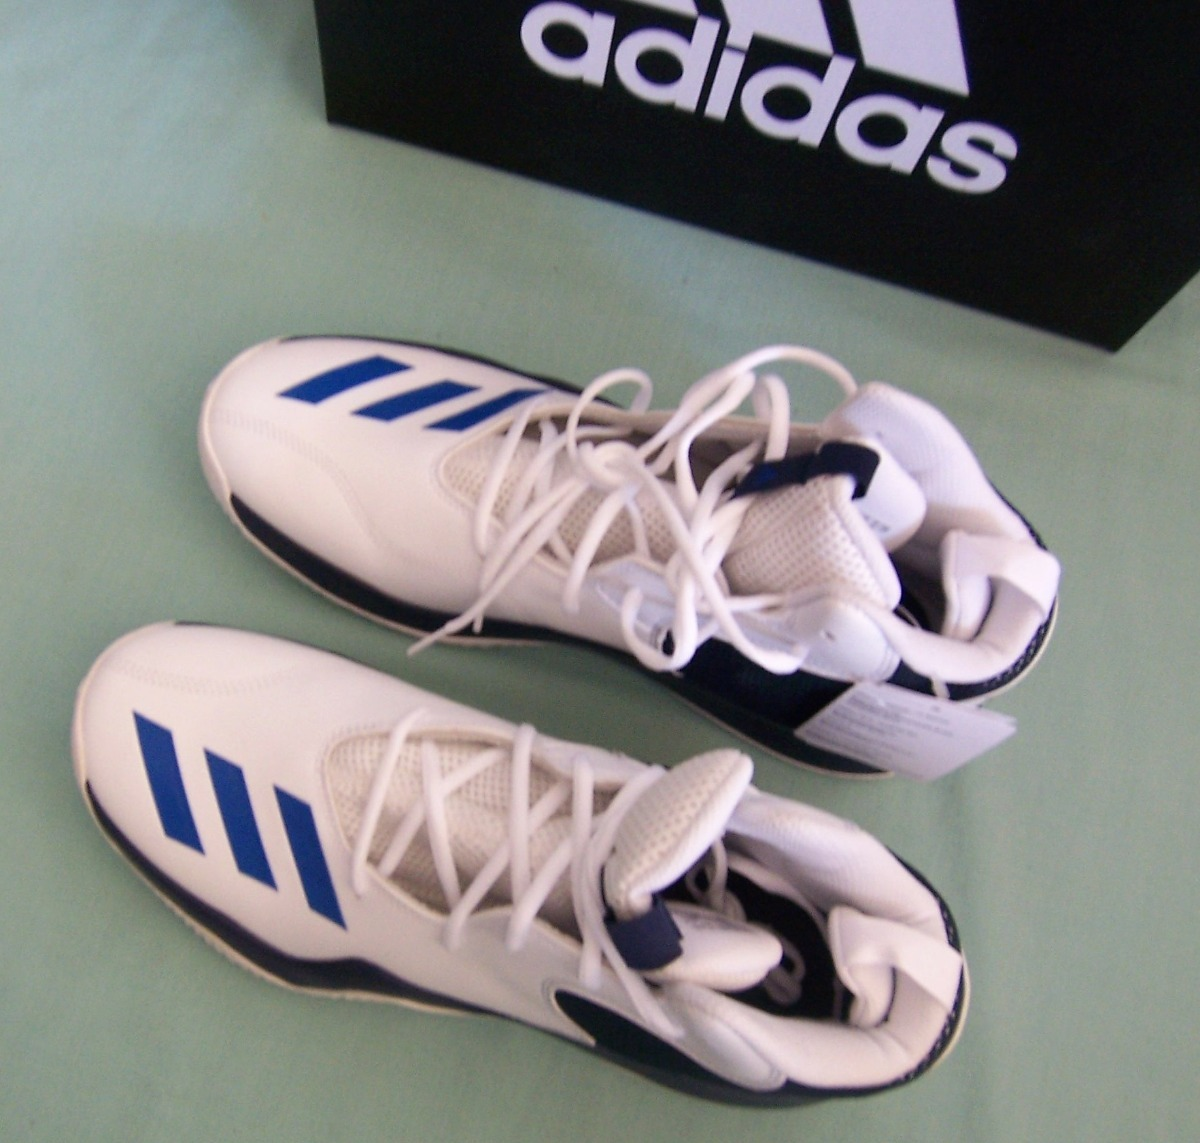 2805050c7b9 zapatillas botas basquet adidas crazy team ii envios gratis-. Cargando zoom.